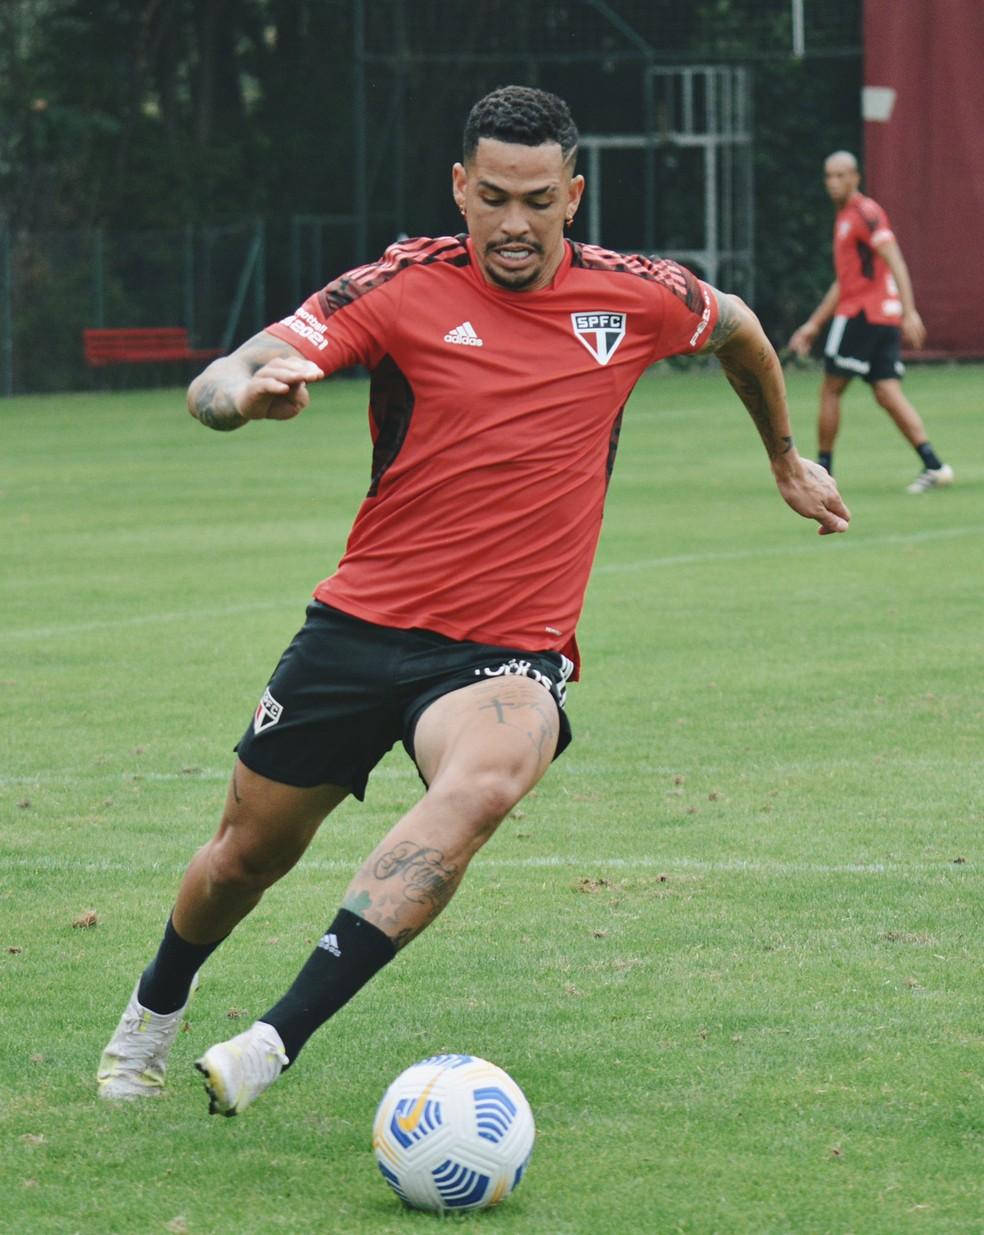 Luciano, atacante do São Paulo, treinou e deve ir para o jogo nesta terça-feira — Foto: Erico Leonan / saopaulofc